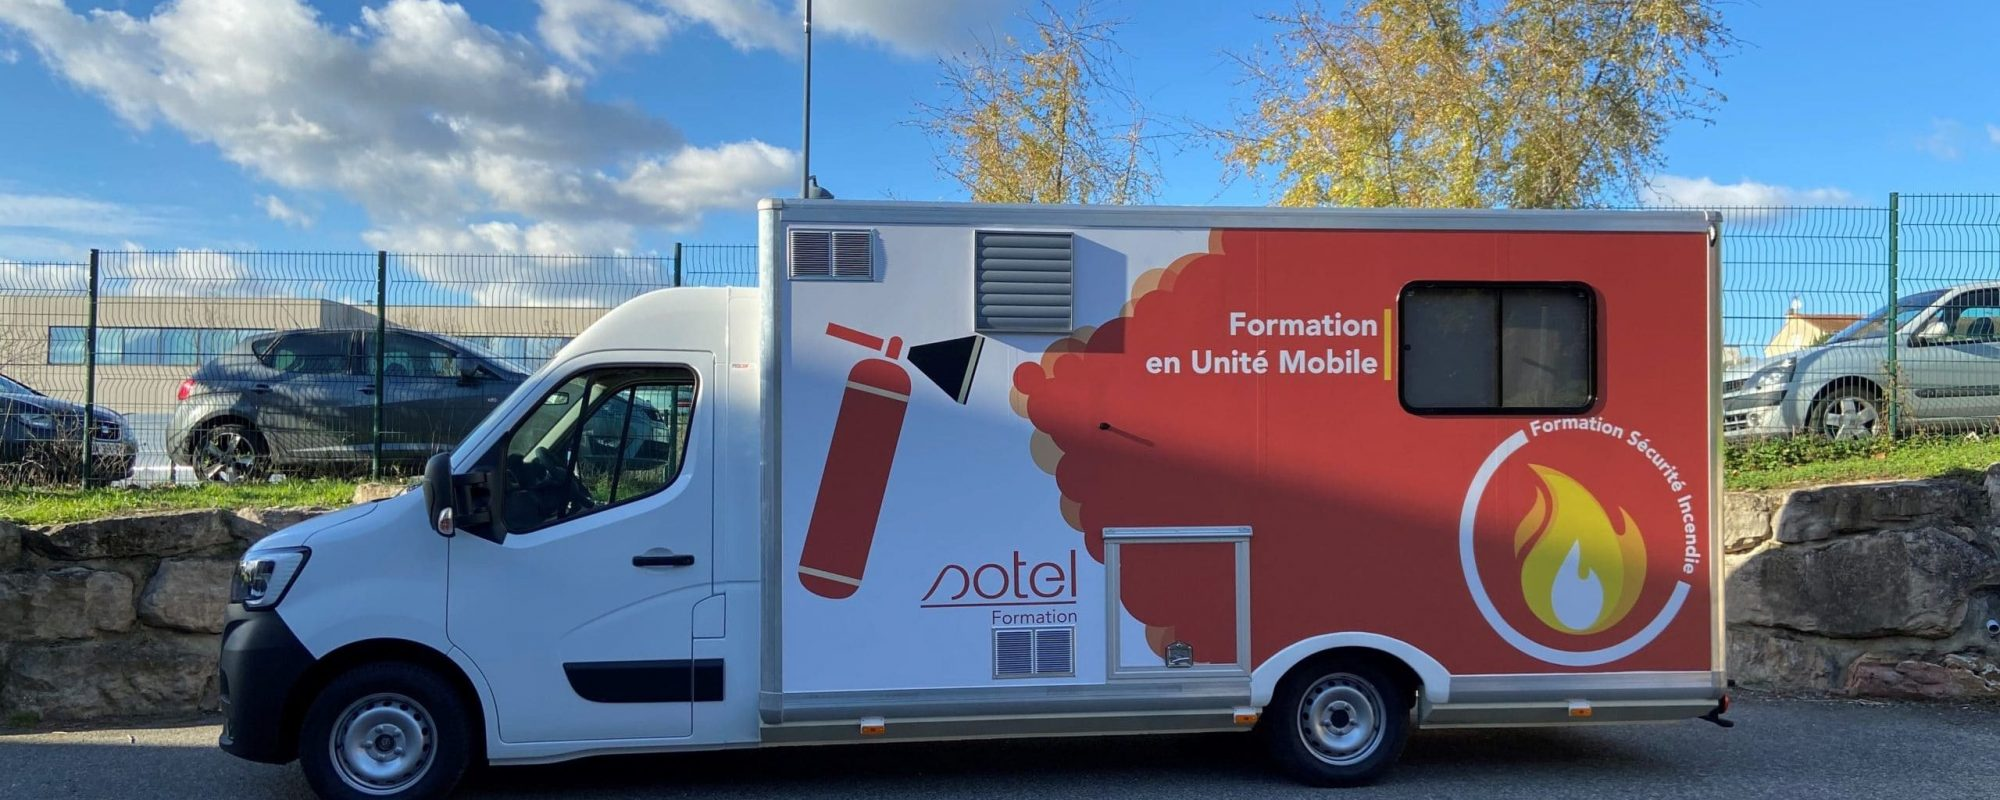 Formation en Unité Mobile Incendie